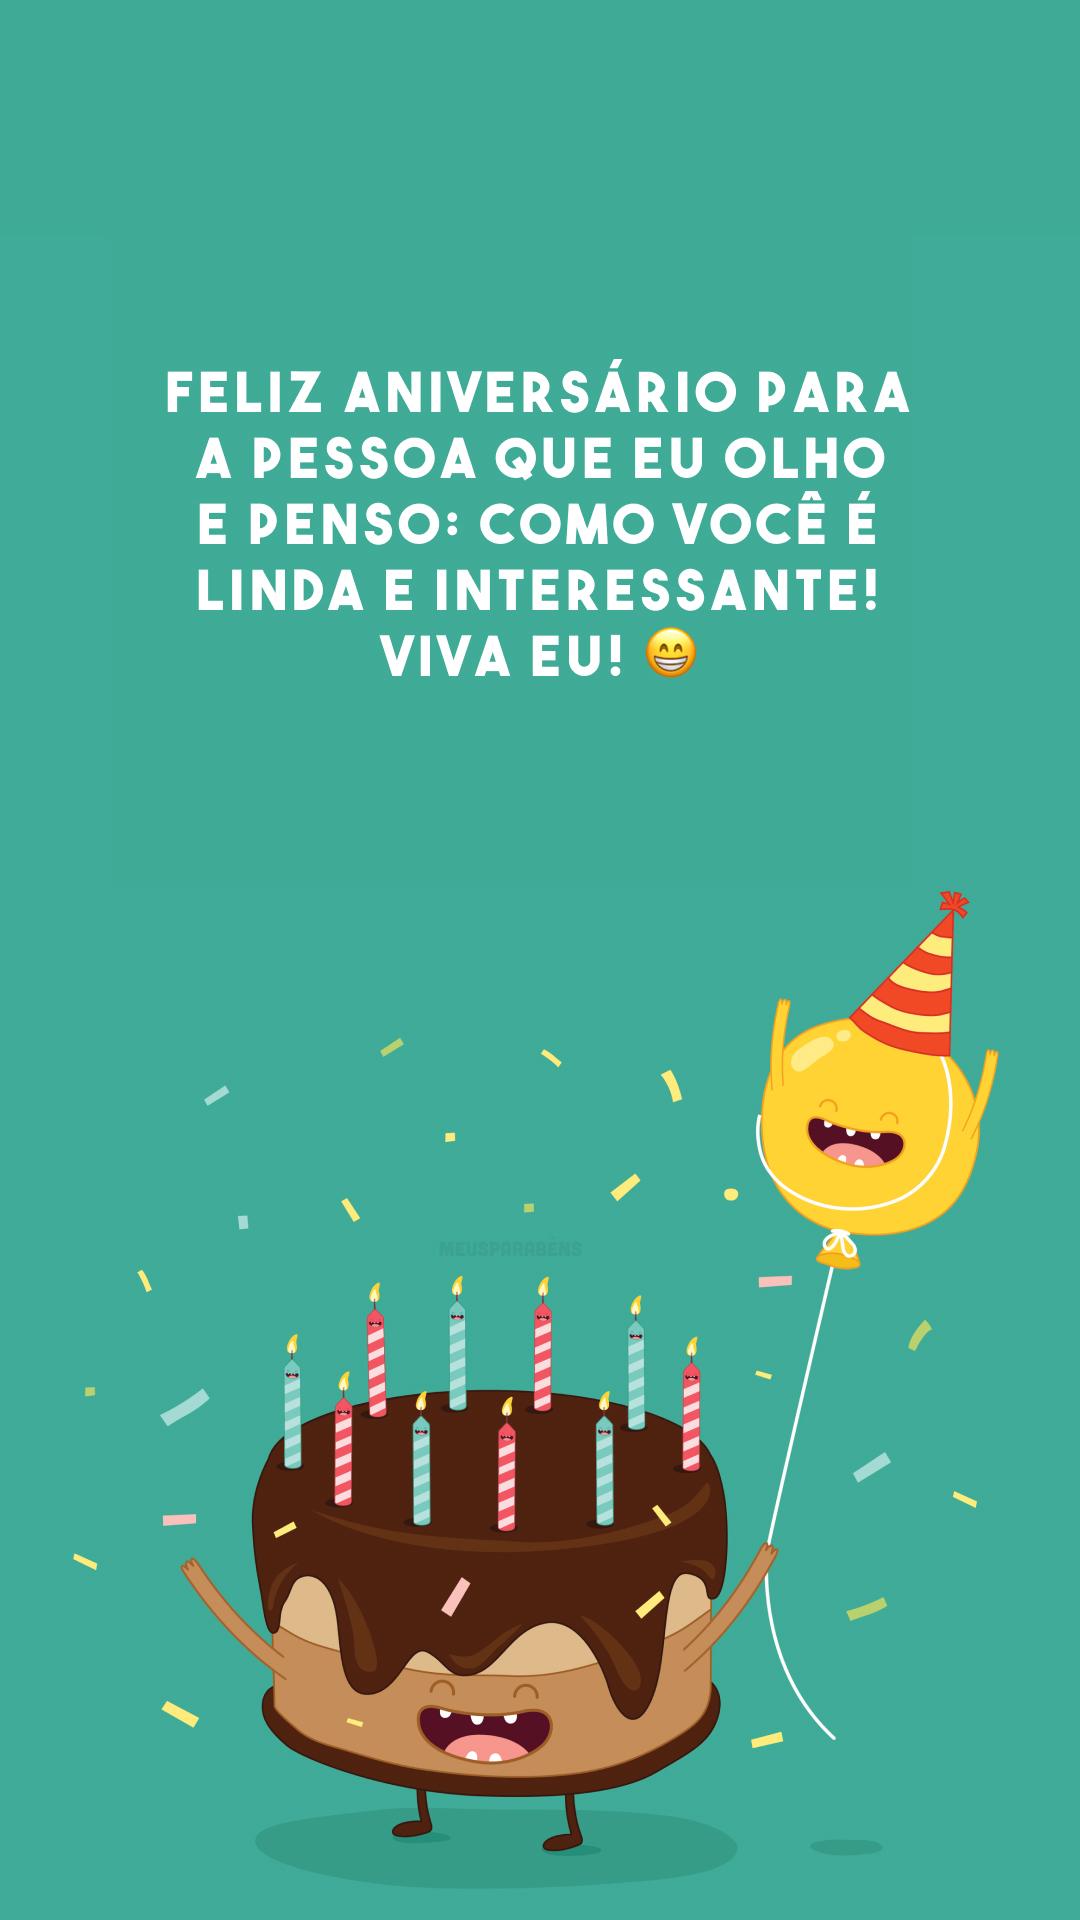 Feliz aniversário para a pessoa que eu olho e penso: como você é linda e interessante! Viva eu! 😁